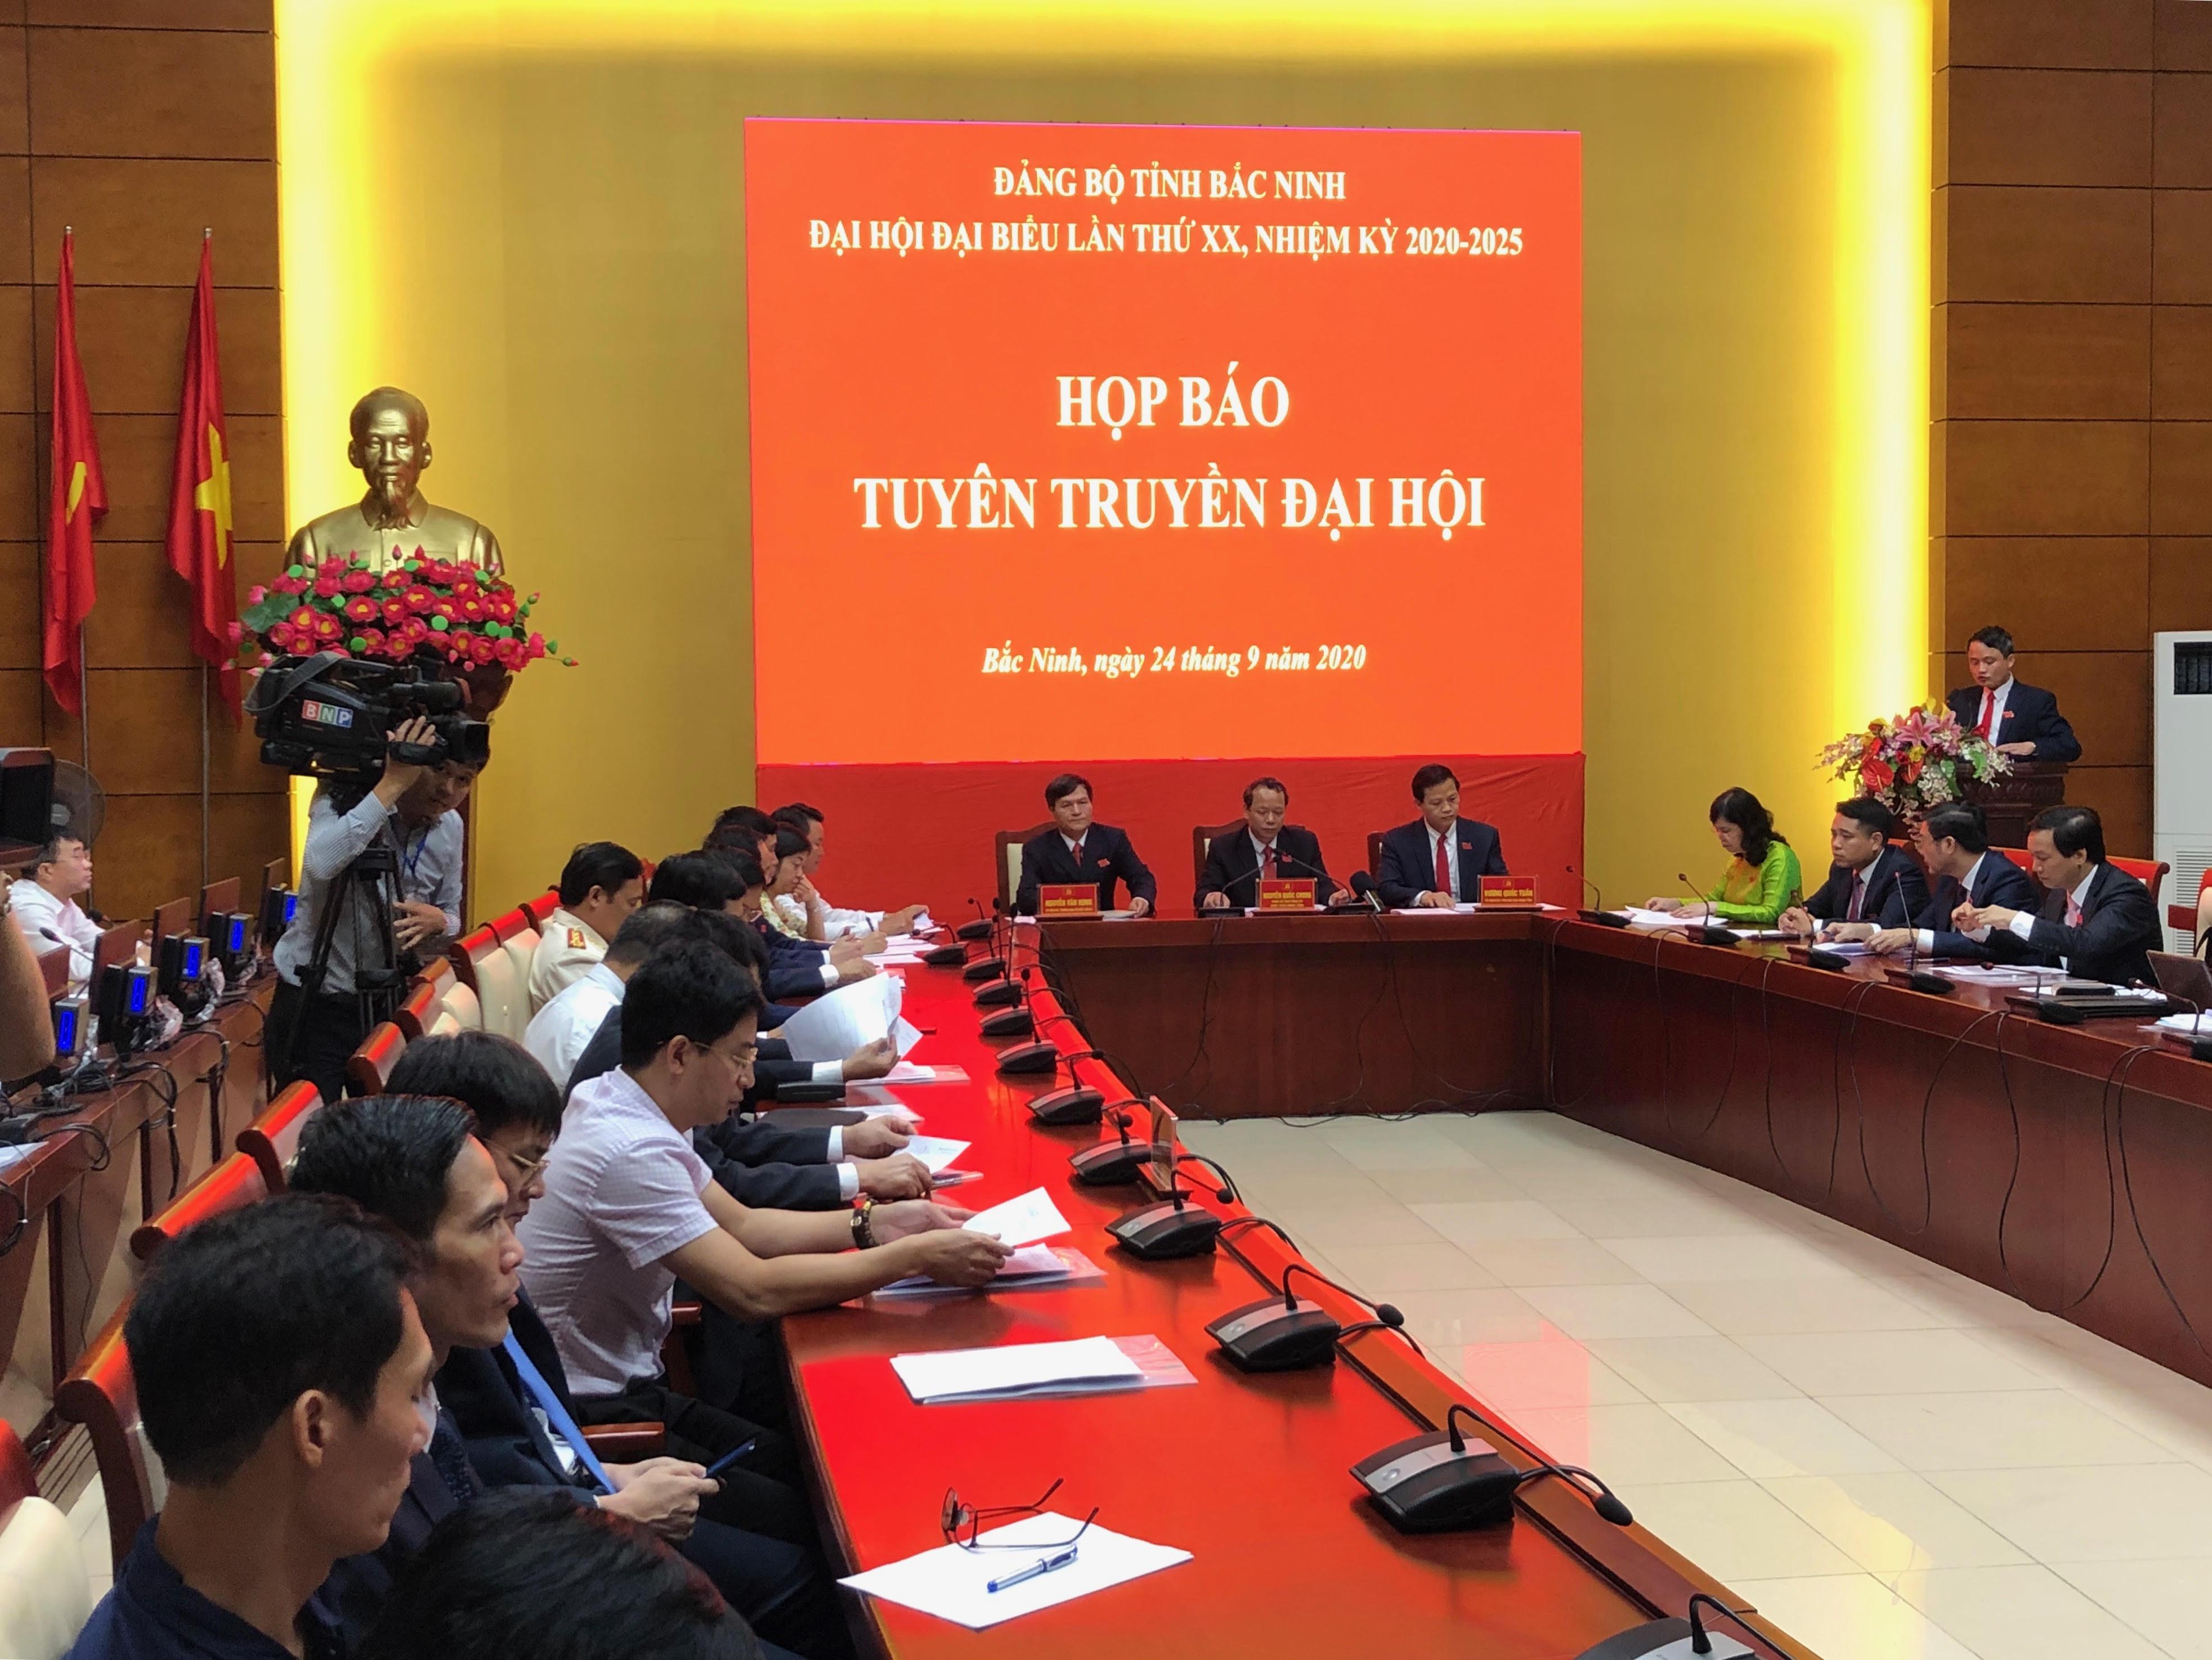 Đại hội đại biểu Đảng bộ tỉnh Bắc Ninh lần thứ XX diễn ra từ ngày 24-26 9